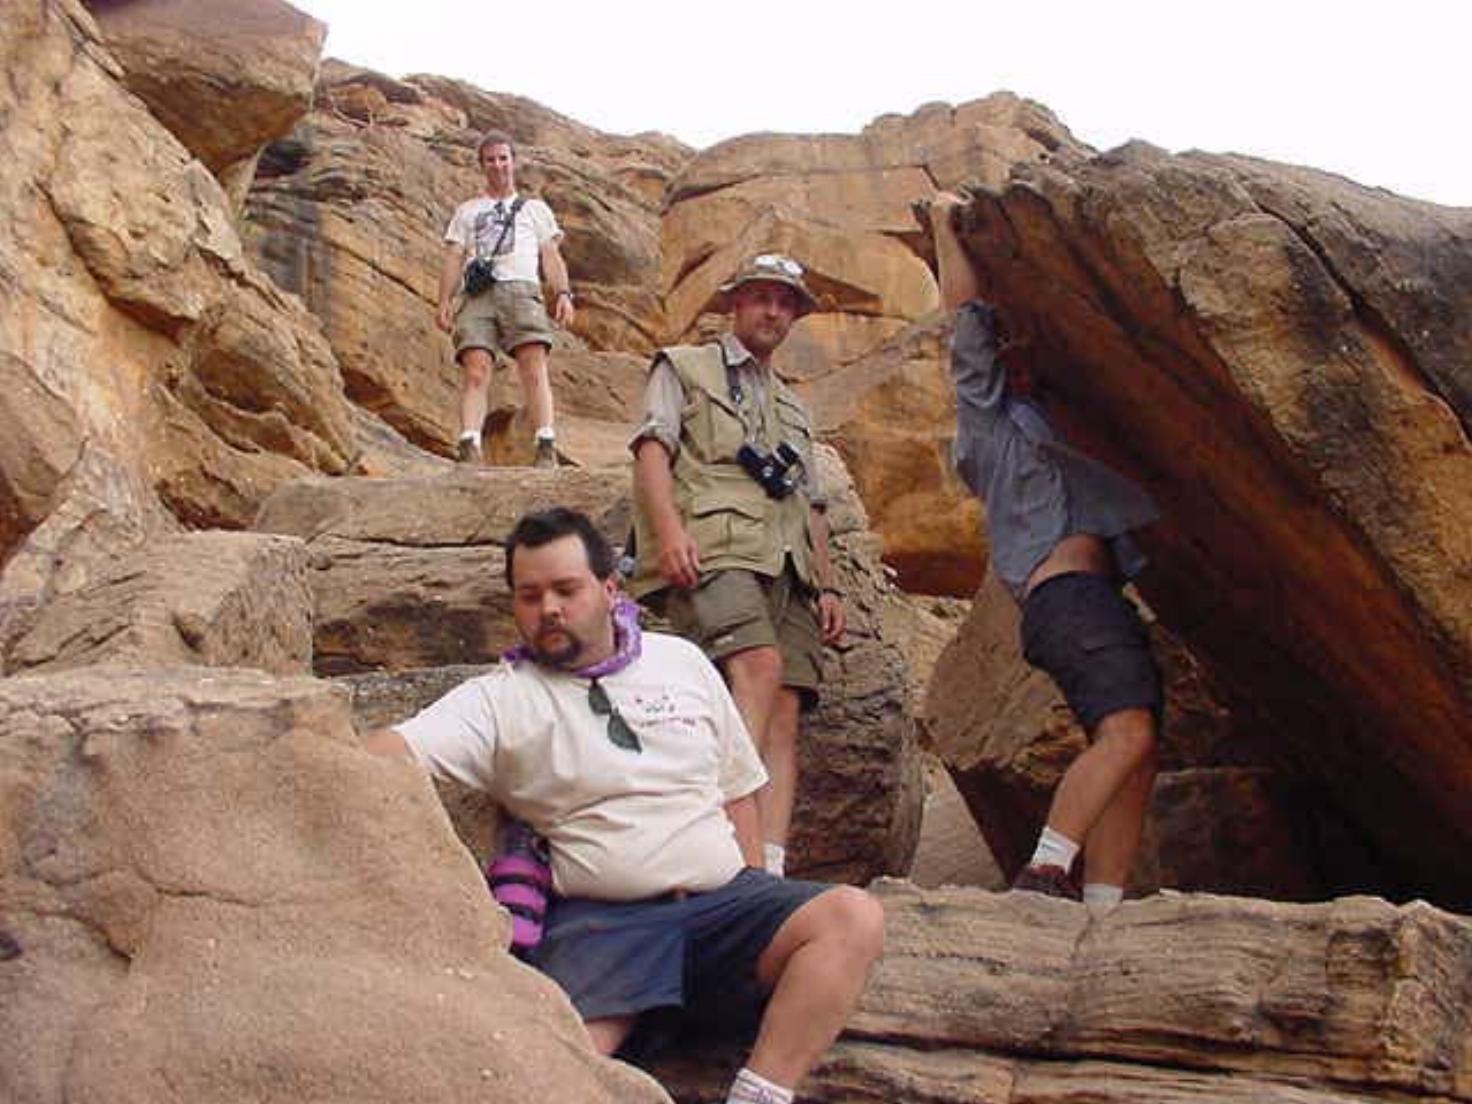 The Drive The Globe crew descends the Bandiagara